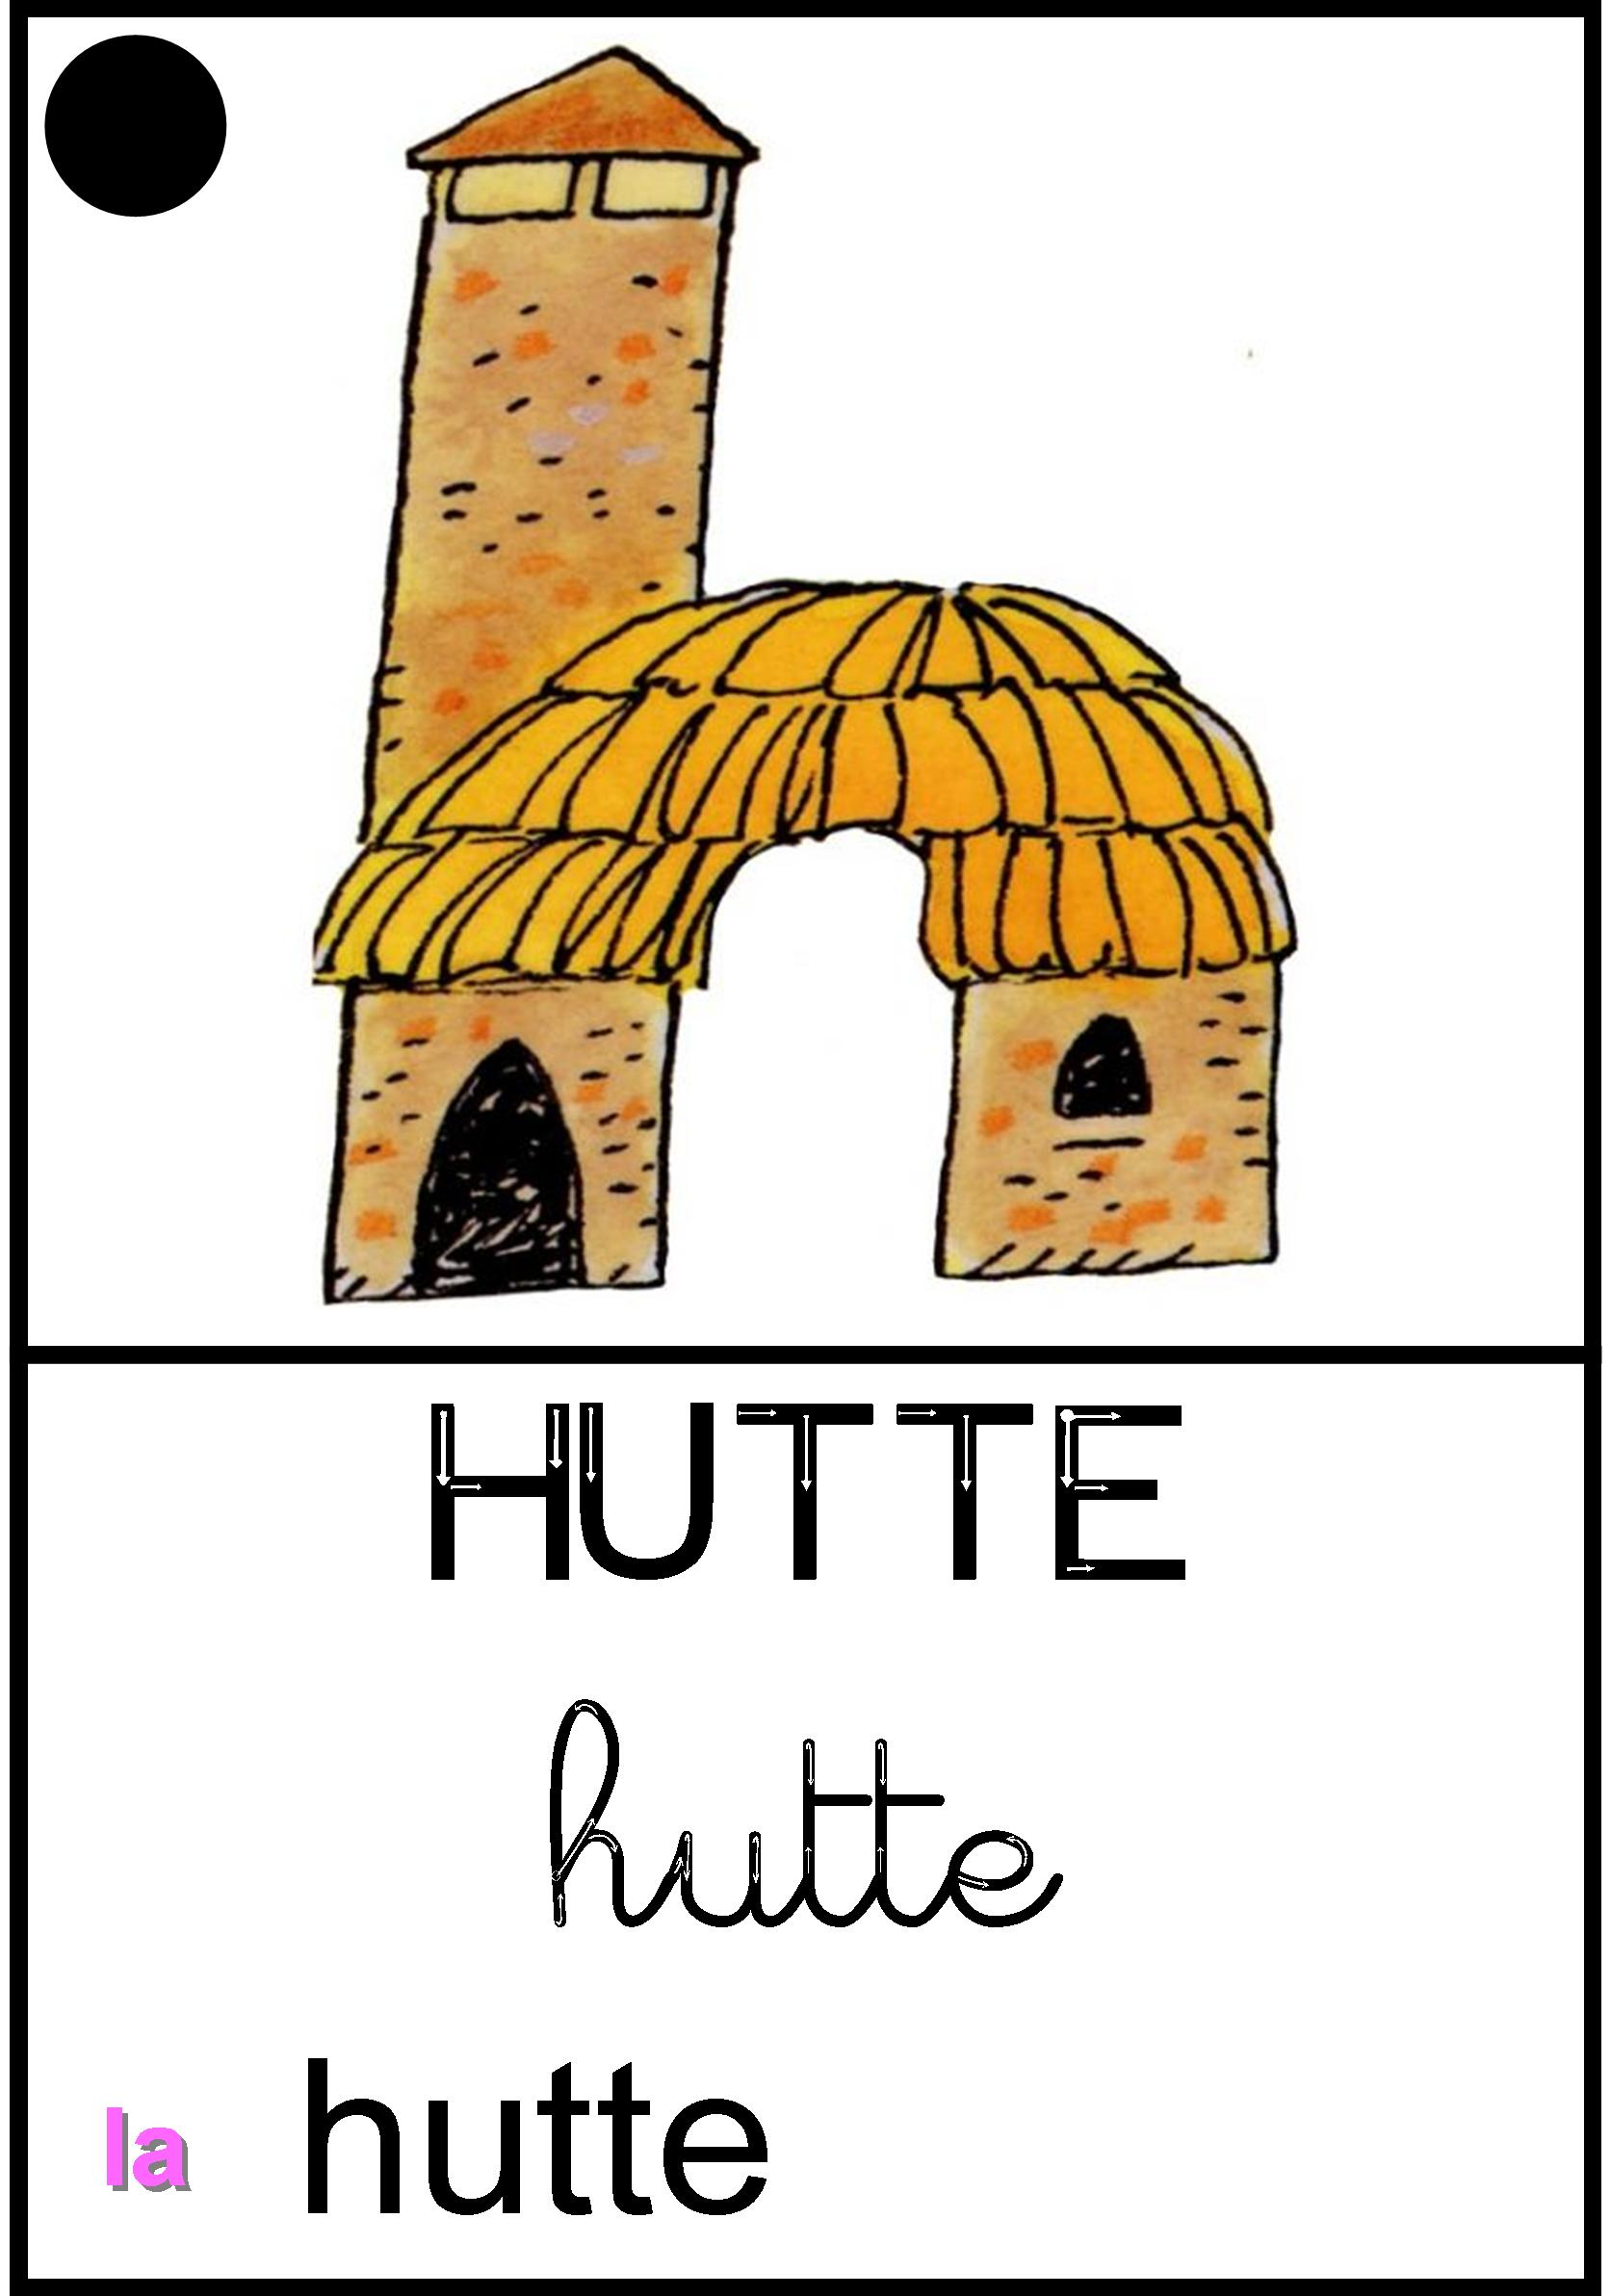 Affichage La hutte